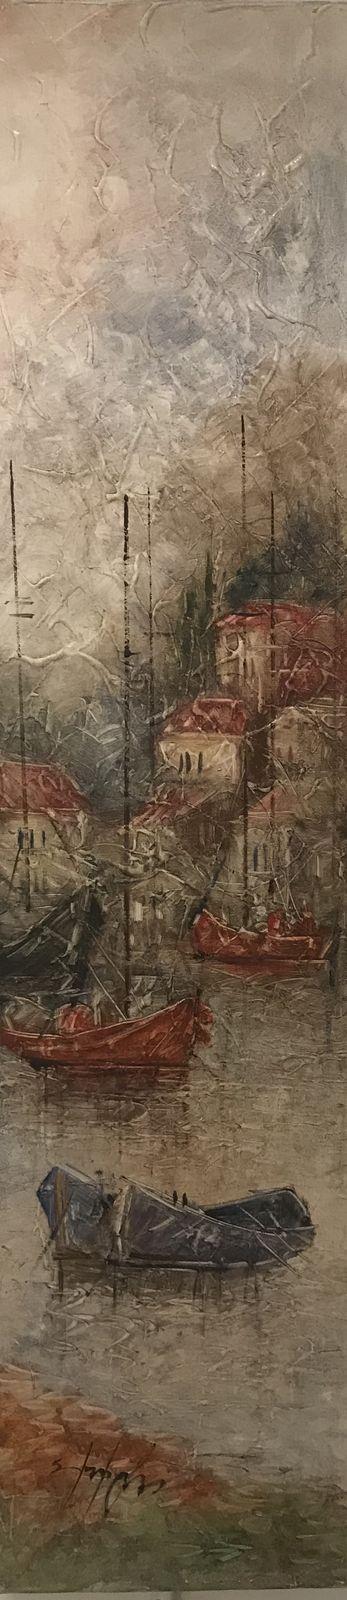 Σταματίνα Μαρνέζου 20×80 Ακρυλικά σε καμβά Stamatina Marnezou 20×80 Acrylics on canvas (2)